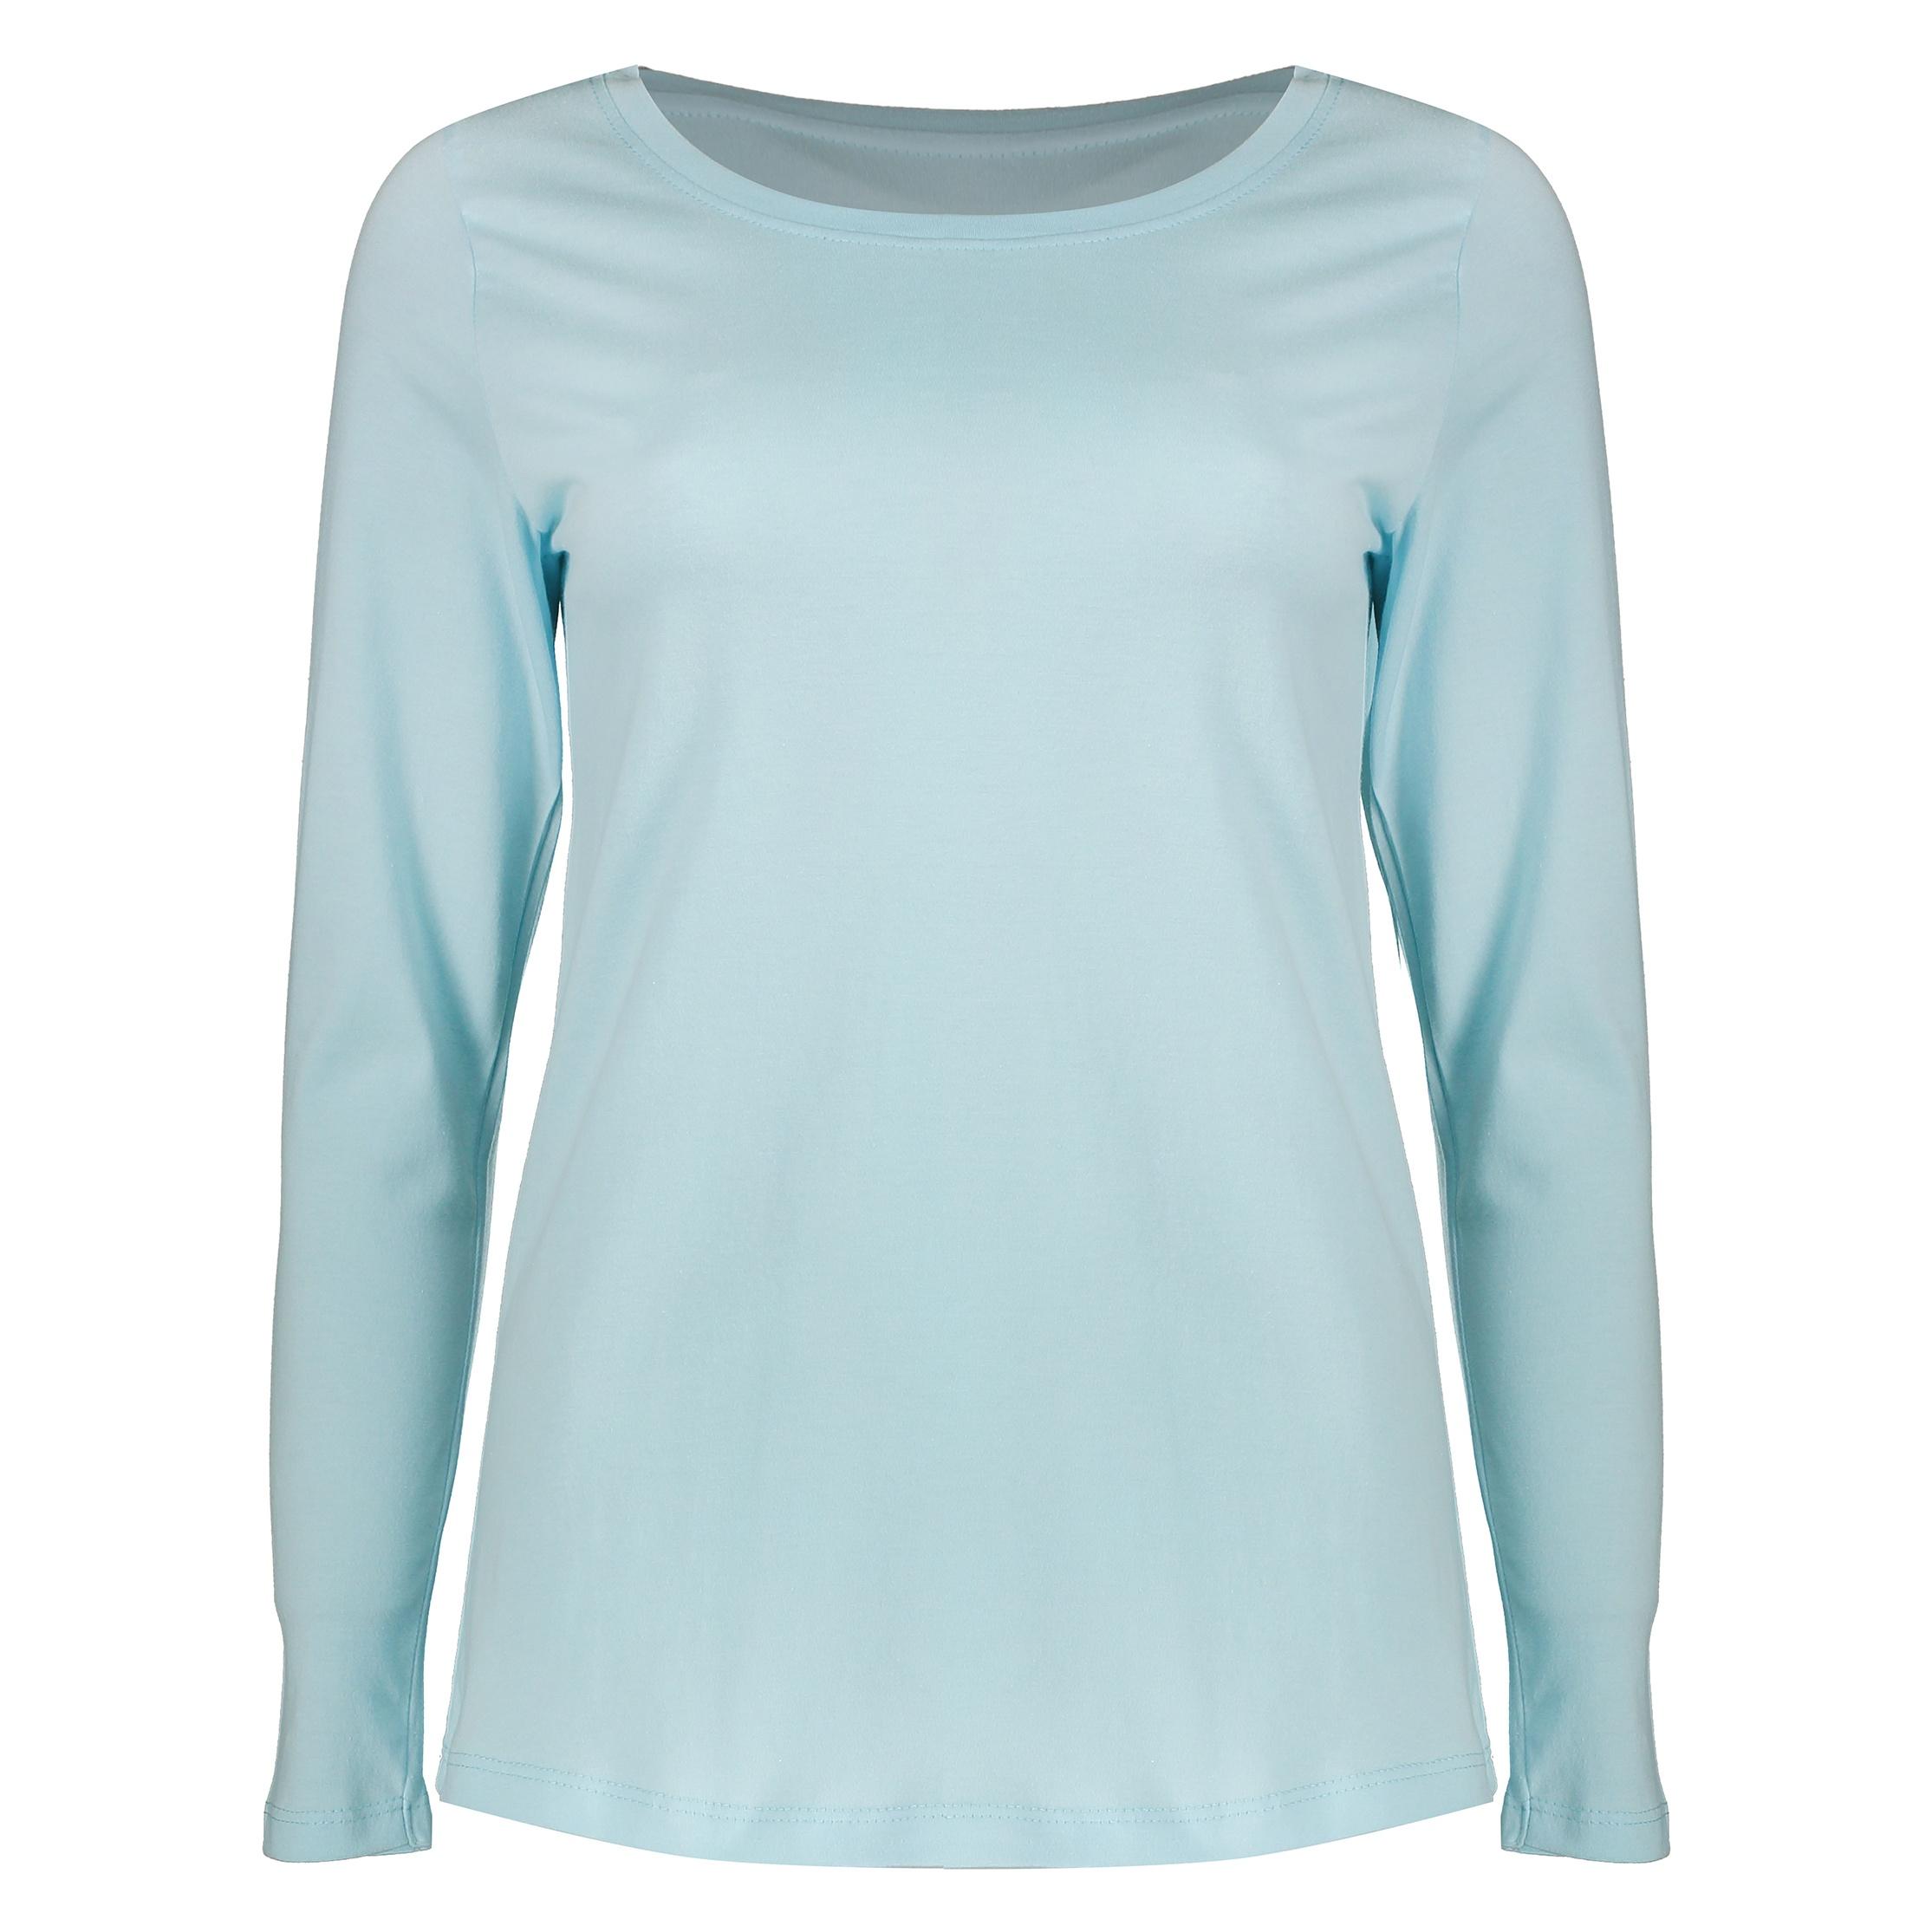 تی شرت زنانه ناربن مدل 1521156-54